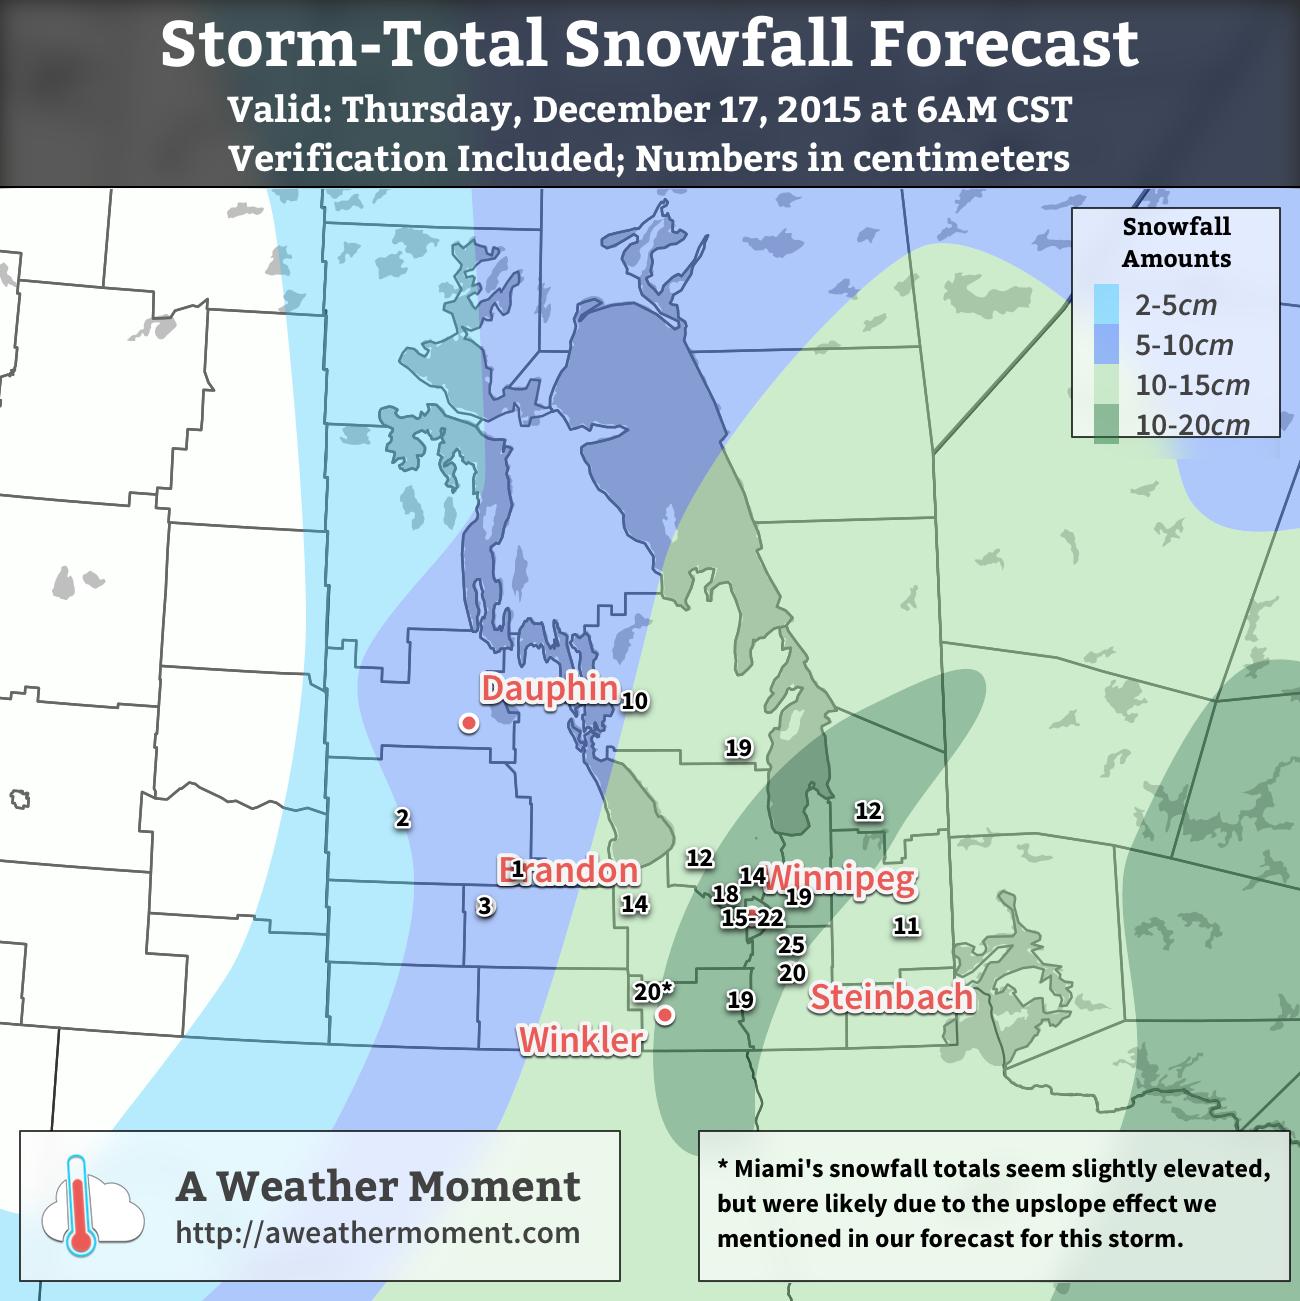 AWM Snowfall Outlook for December 15-17, 2015